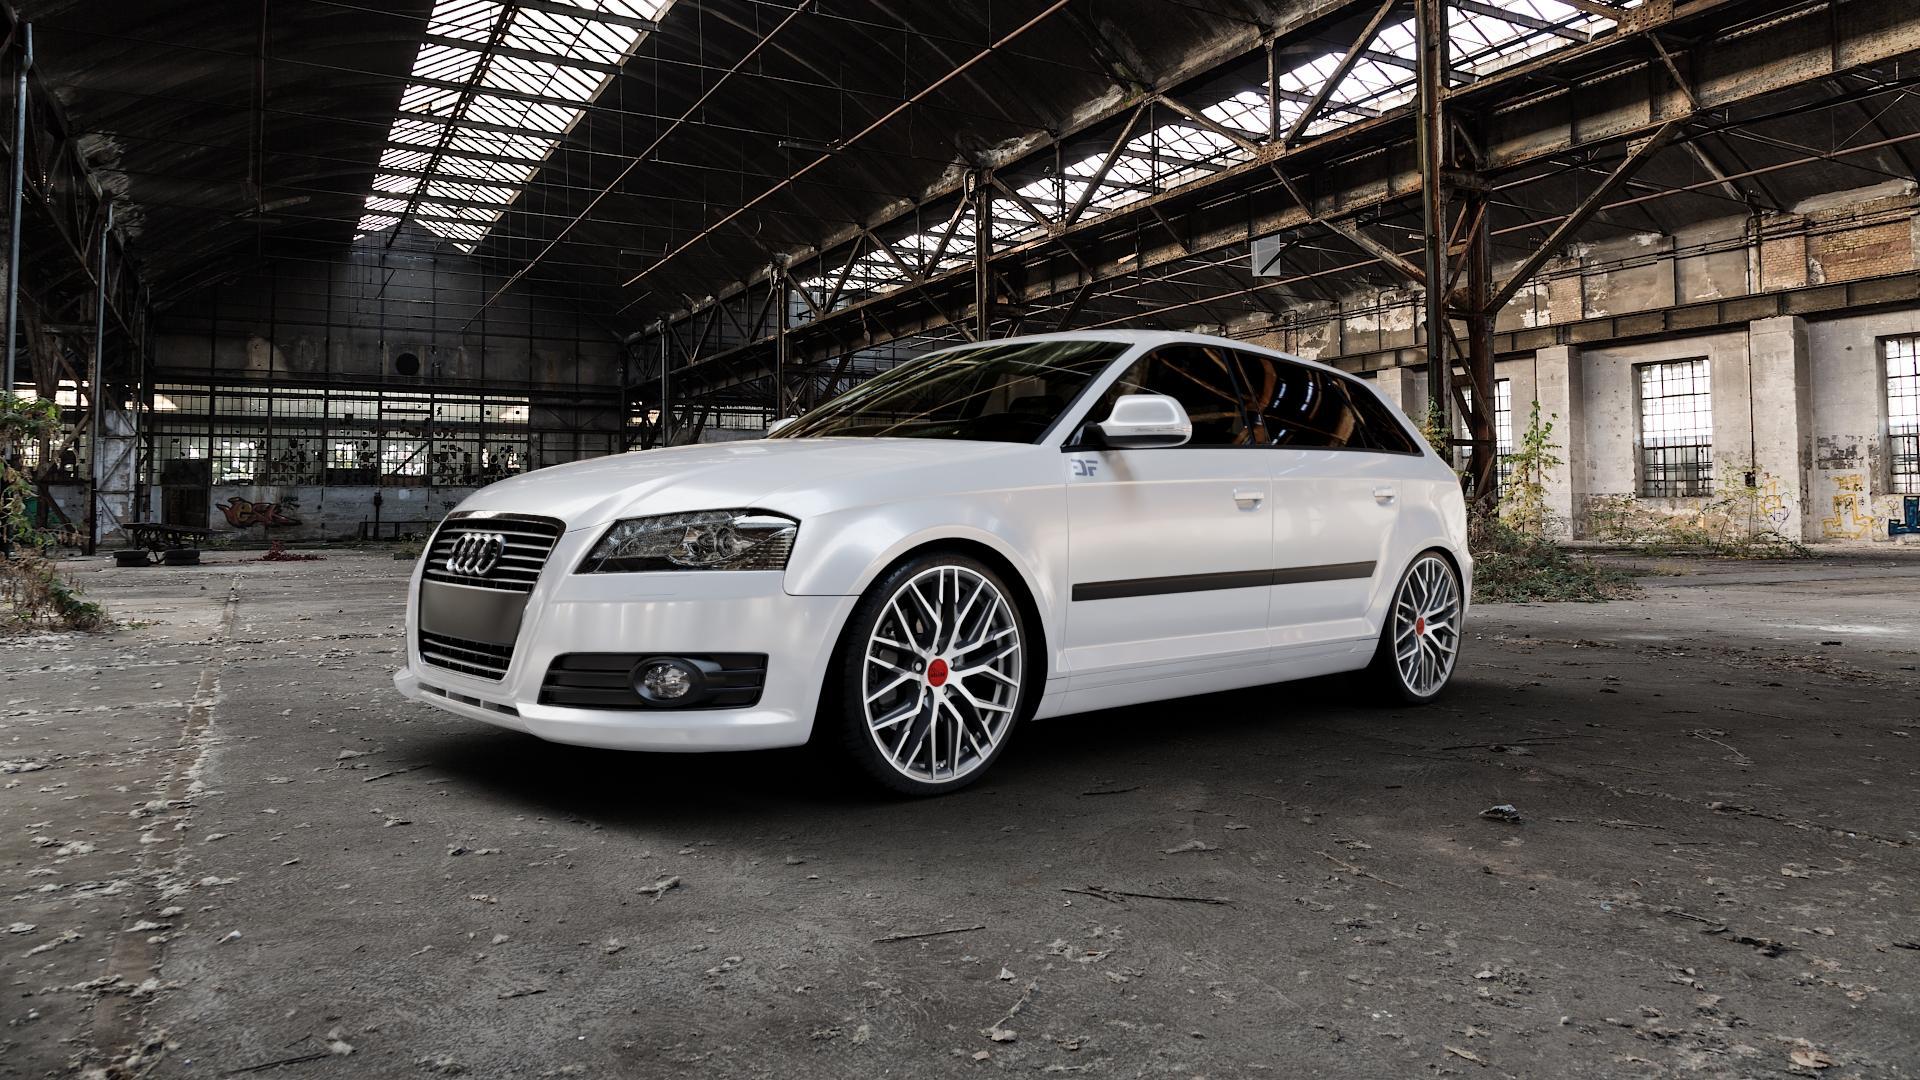 MAM RS4 PALLADIUM FRONT POLISH Felge mit Reifen silber mehrfarbig anthrazit in 19Zoll Winterfelge Alufelge auf weissem Audi A3 Typ 8P (Sportback) 1,6l 75kW (102 PS) 2,0l FSI 110kW (150 1,9l TDI 77kW (105 103kW (140 TFSI 147kW (200 85kW (116 100kW (136 1,8l 118kW (160 125kW (170 1,4l 92kW (125 120kW (163 quattro 3,2l V6 184kW (250 S3 195kW (265 1,2l 66kW (90 18